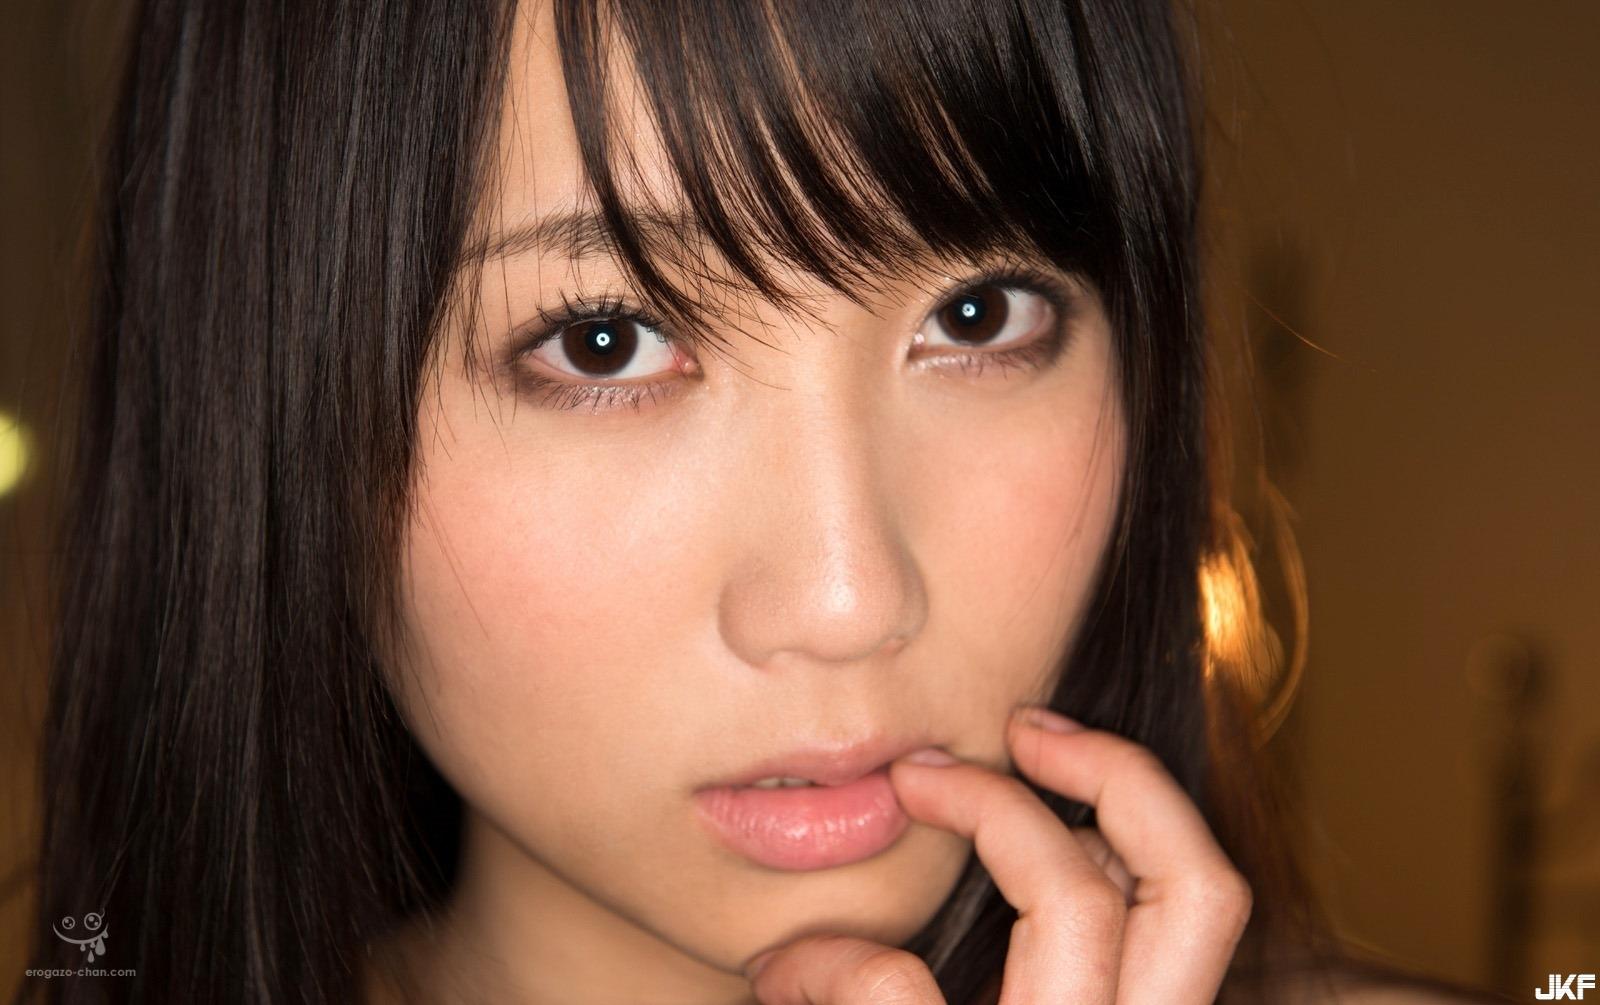 kurata_mao_1046-069.jpg